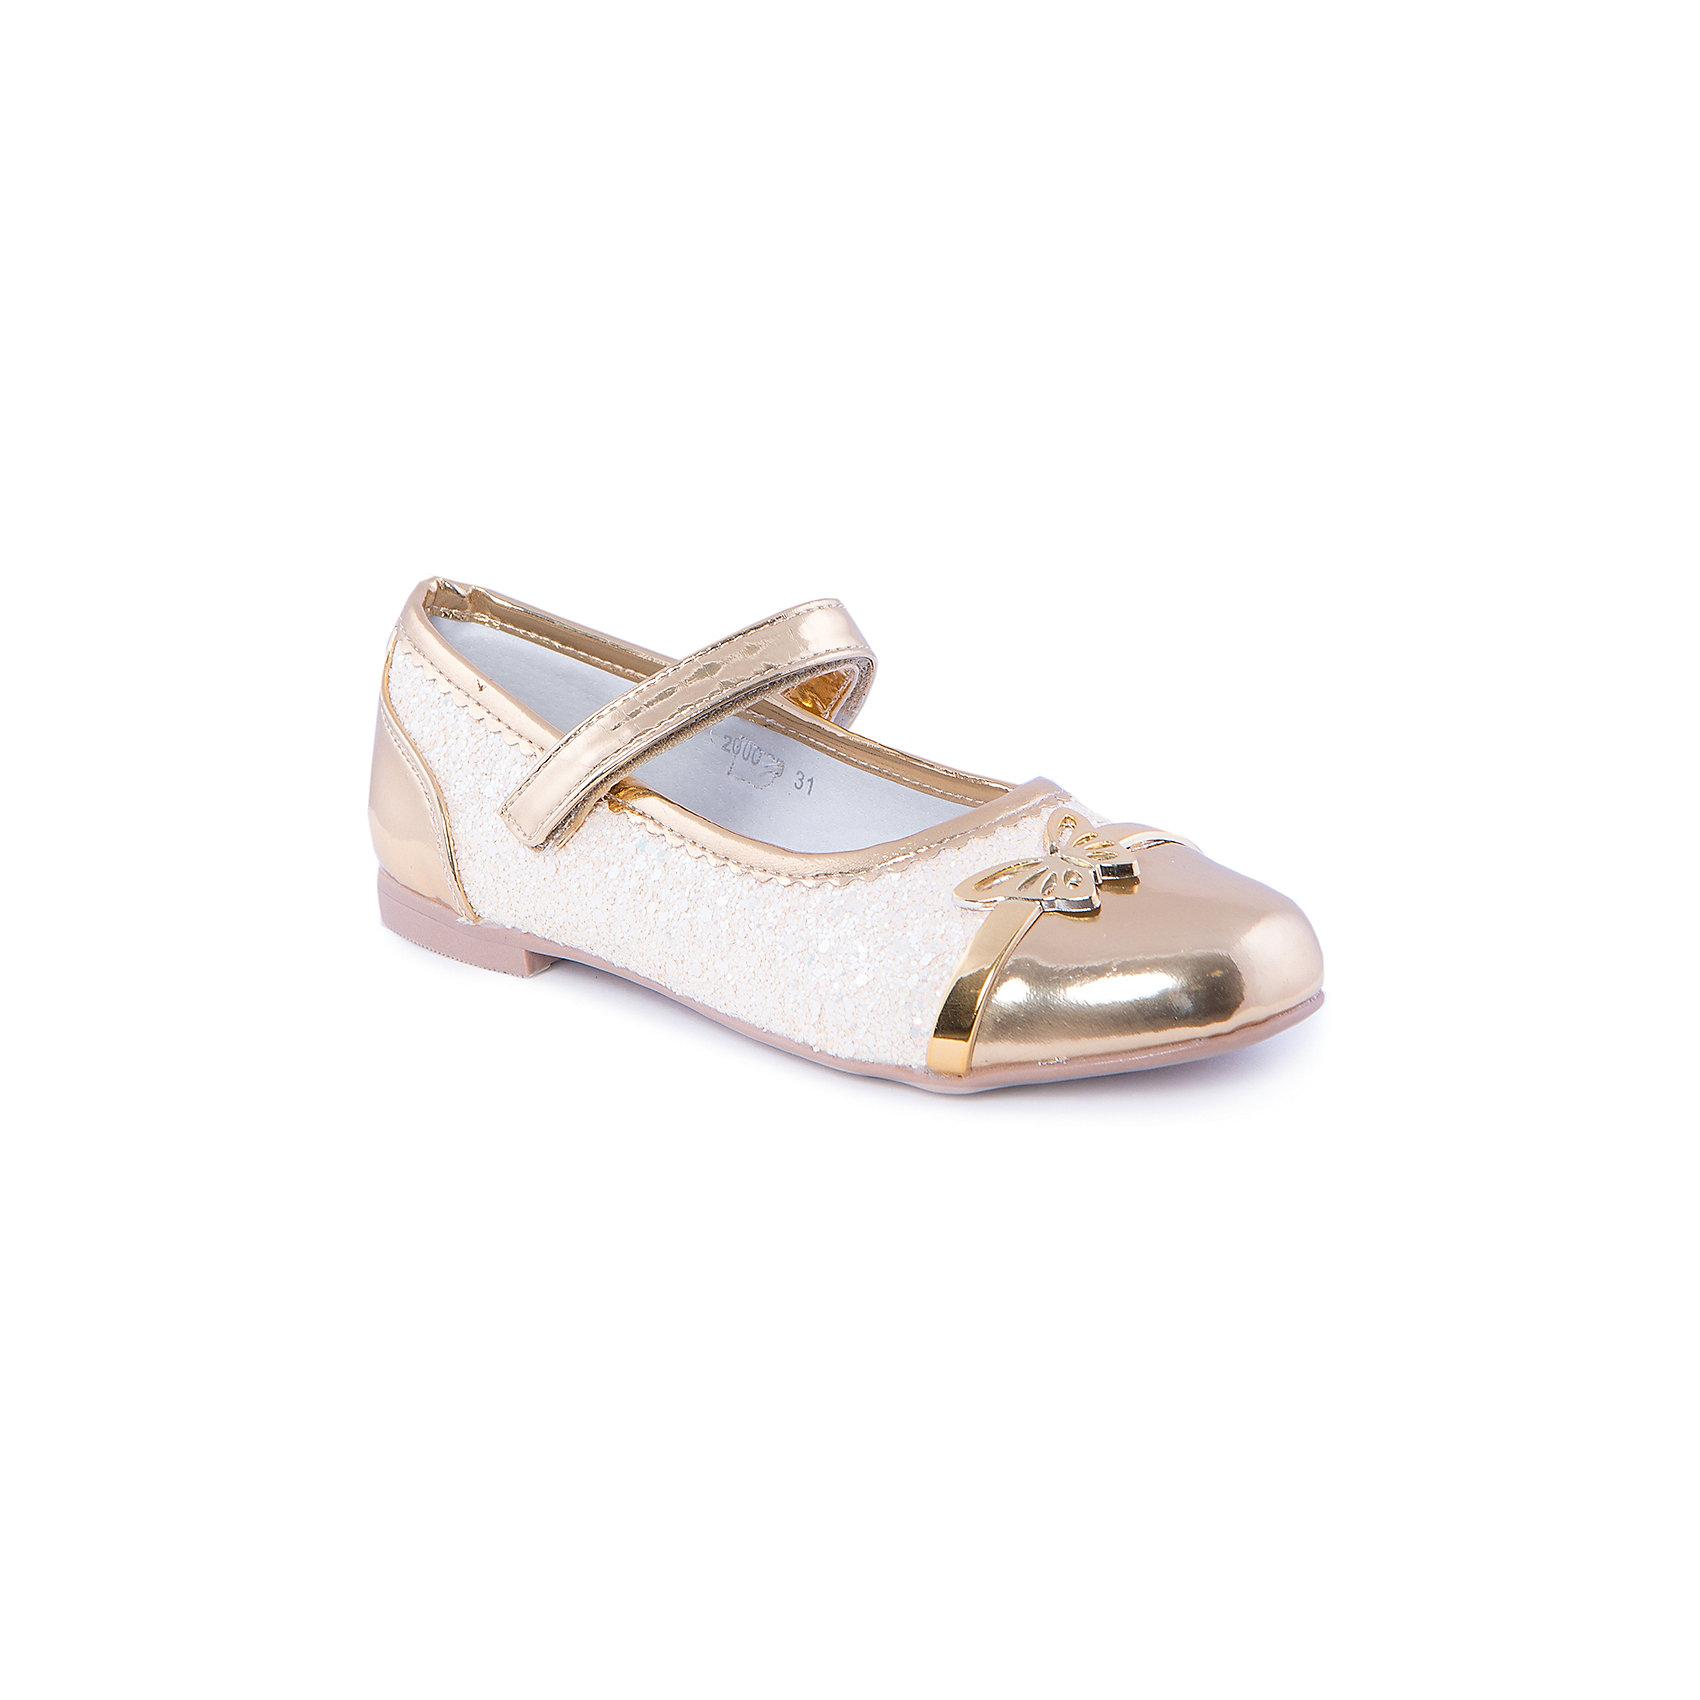 Туфли для девочки MURSUОбувь<br>Туфли для девочки от известного бренда MURSU - прекрасный вариант для торжественных мероприятий. Модель на небольшом каблуке застегивается на липучку, декорирована бисером и блестящей бабочкой. Туфли выполнены из высококачественных материалов, подкладка и стелька изготовлены из натуральной кожи, обеспечивающей удобство, комфорт и гигиеничность. Золотые туфельки - мечта каждой юной модницы! <br><br>Дополнительная информация:<br><br>- Цвет: золото.<br>- Тип застежки: липучка.<br>- Декоративные элементы: бабочка, бисер. <br><br>Состав:<br><br>- Материал верха: искусственная кожа.<br>- Материал подкладки: натуральная кожа.<br>- Материал подошвы: TEP.<br>- Материал стельки: натуральная кожа.<br><br>Туфли для девочки MURSU (Мурсу), можно купить в нашем магазине.<br><br>Ширина мм: 227<br>Глубина мм: 145<br>Высота мм: 124<br>Вес г: 325<br>Цвет: золотой<br>Возраст от месяцев: 132<br>Возраст до месяцев: 144<br>Пол: Женский<br>Возраст: Детский<br>Размер: 35,34,33,31,32<br>SKU: 4213397